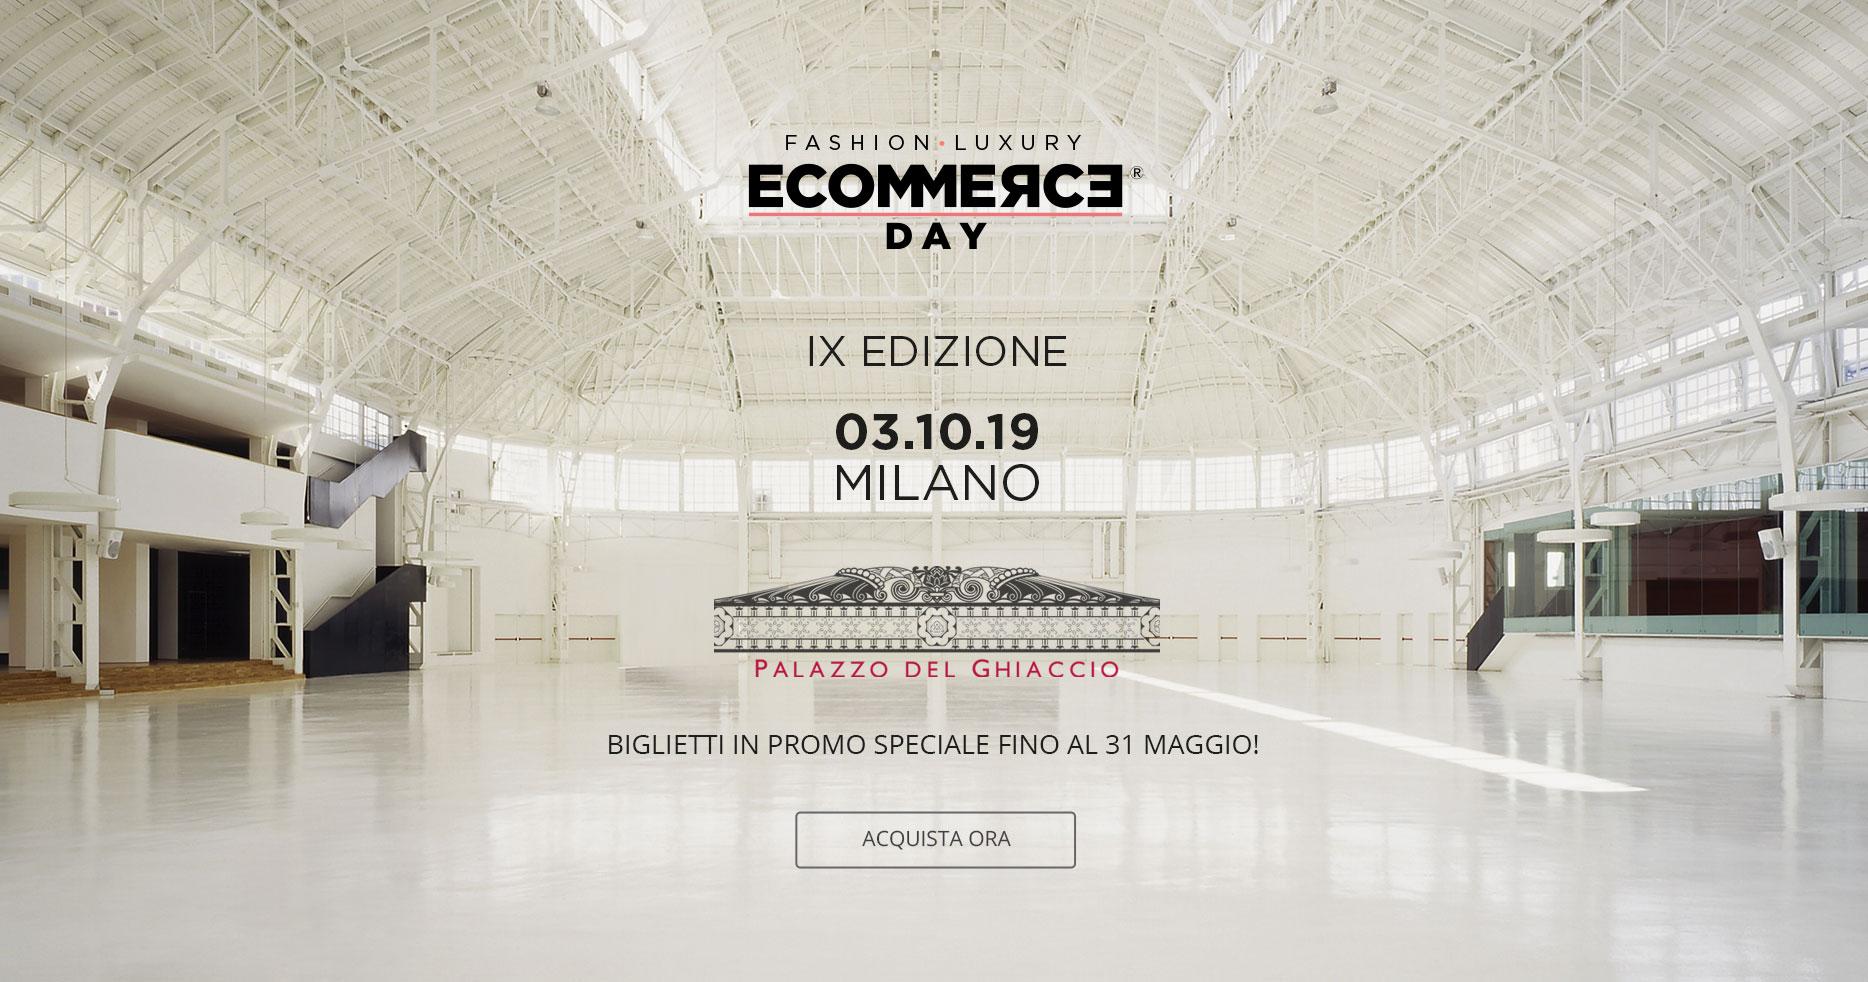 Ecommerce Day 2019 - Milano - Palazzo del ghiaccio